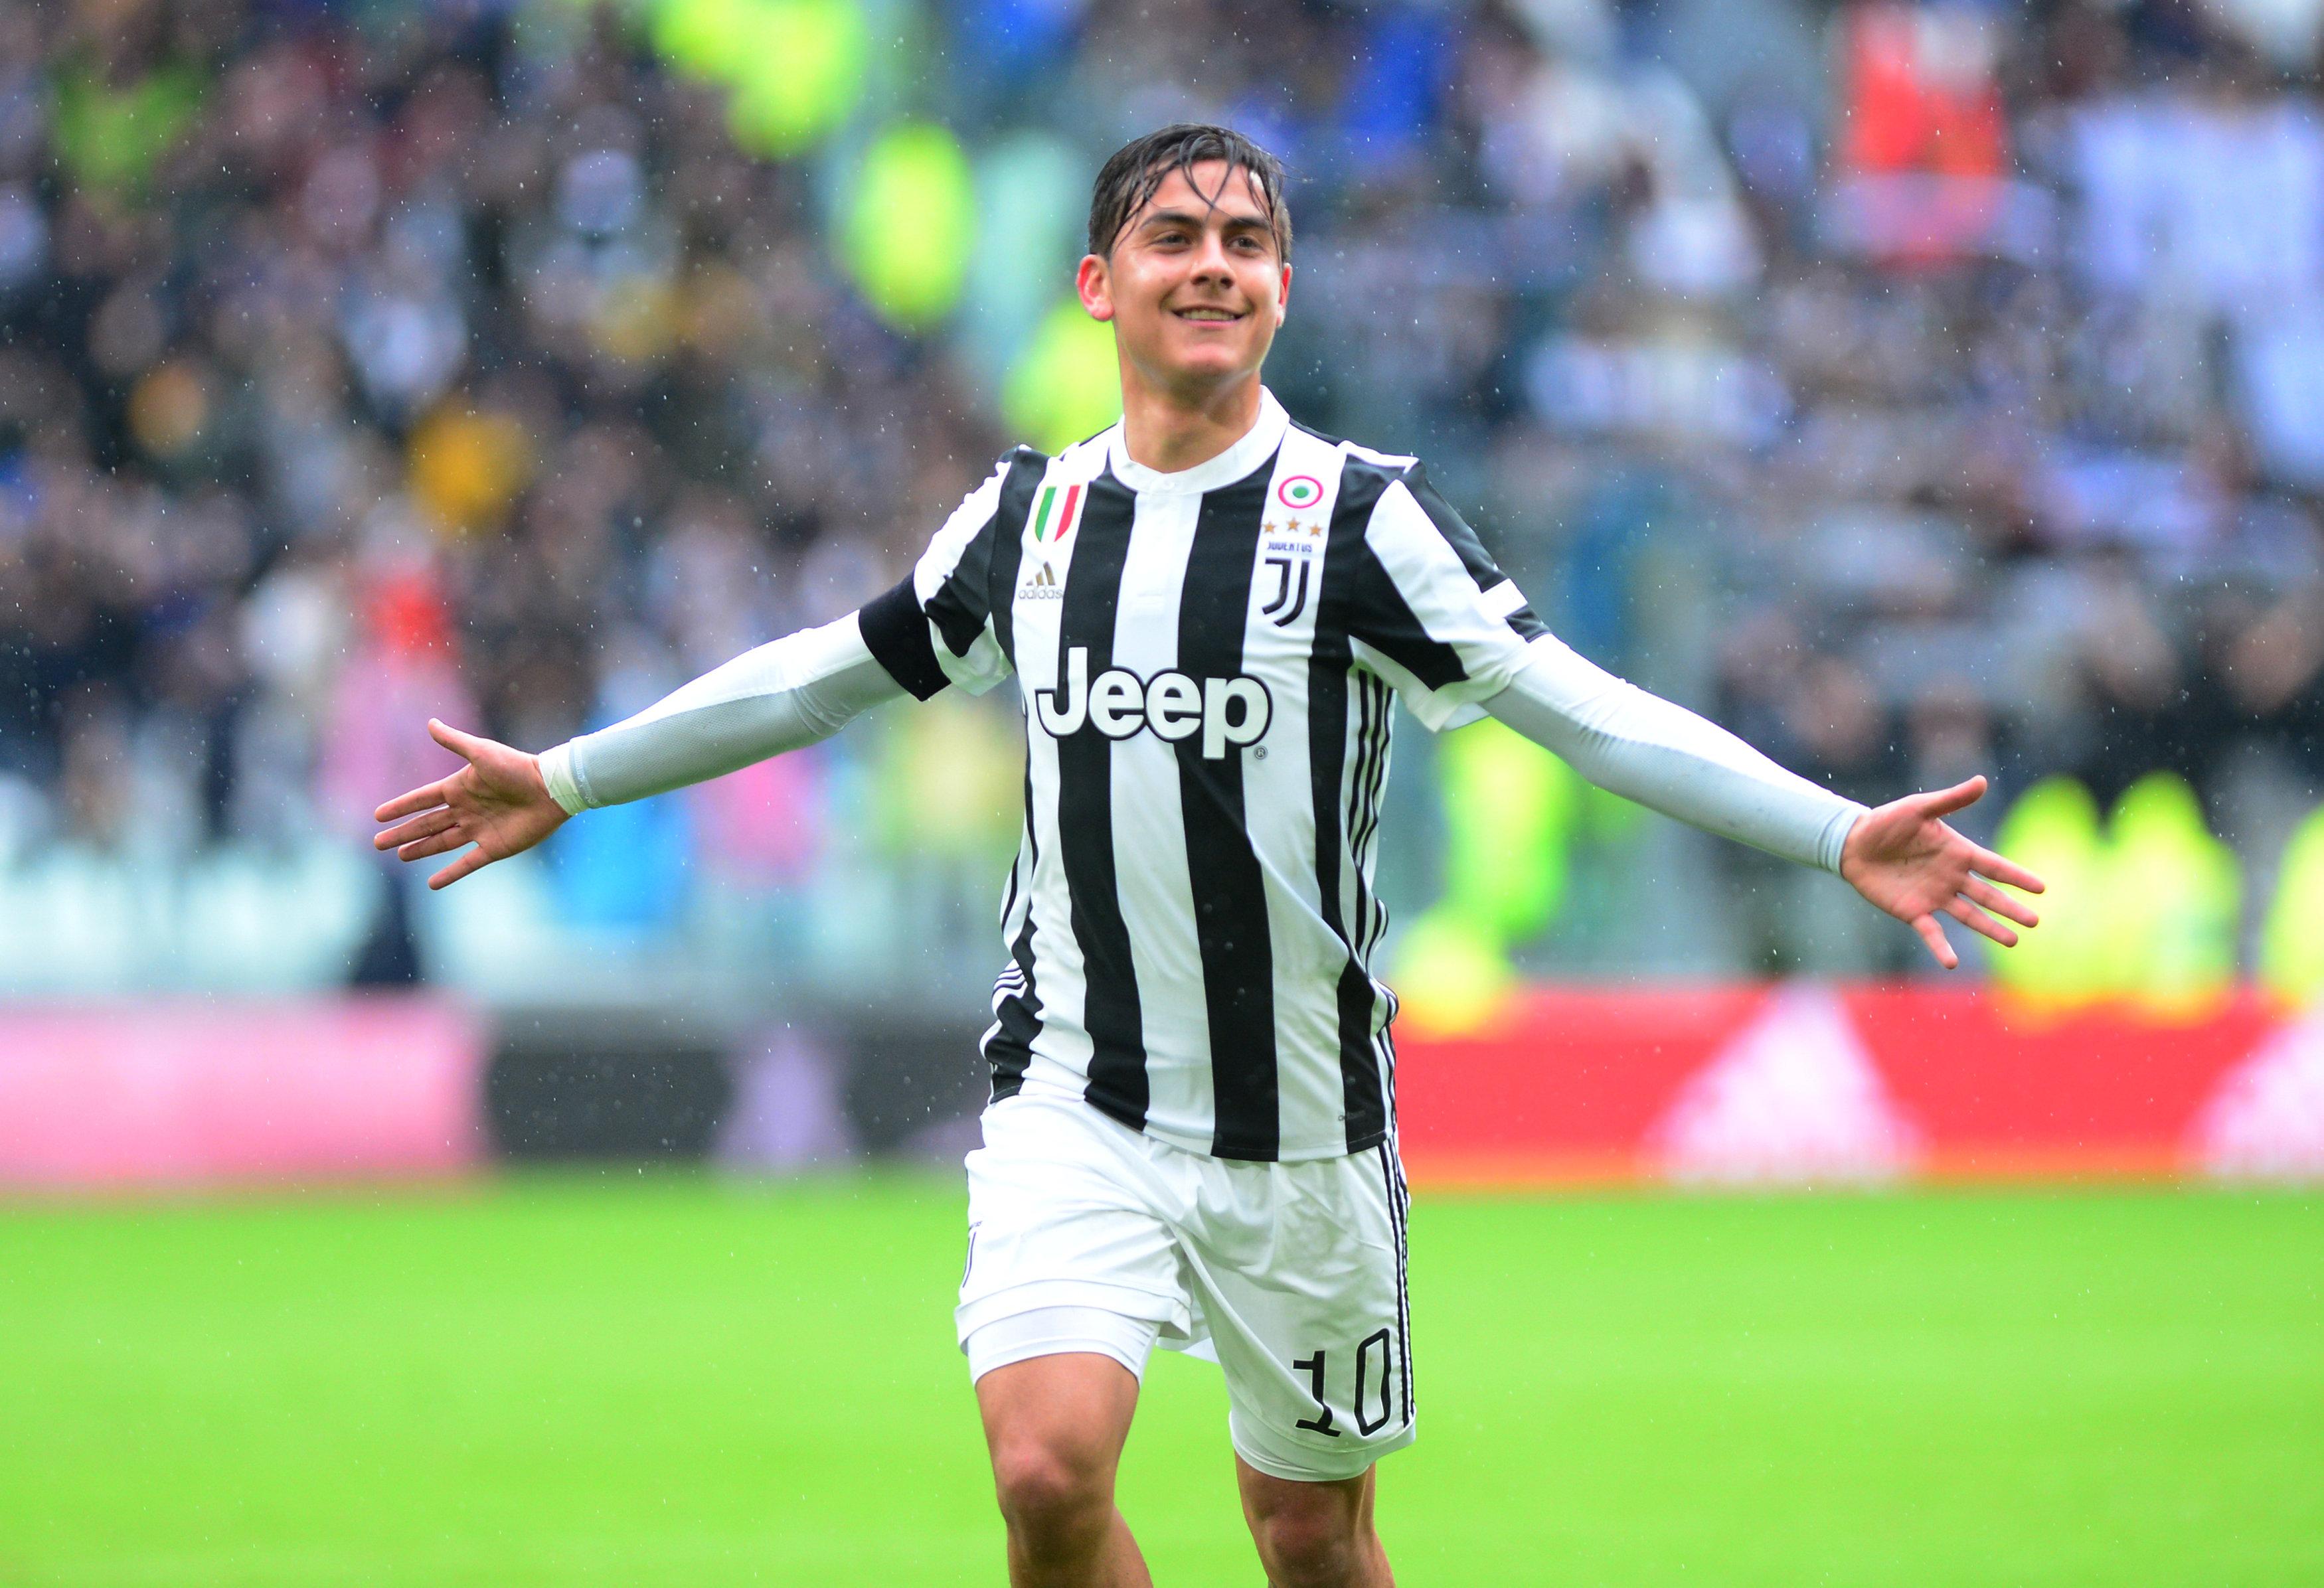 Dybala - người hùng của Juventus trong chiến thắng trước Udinese. Ảnh: REUTERS